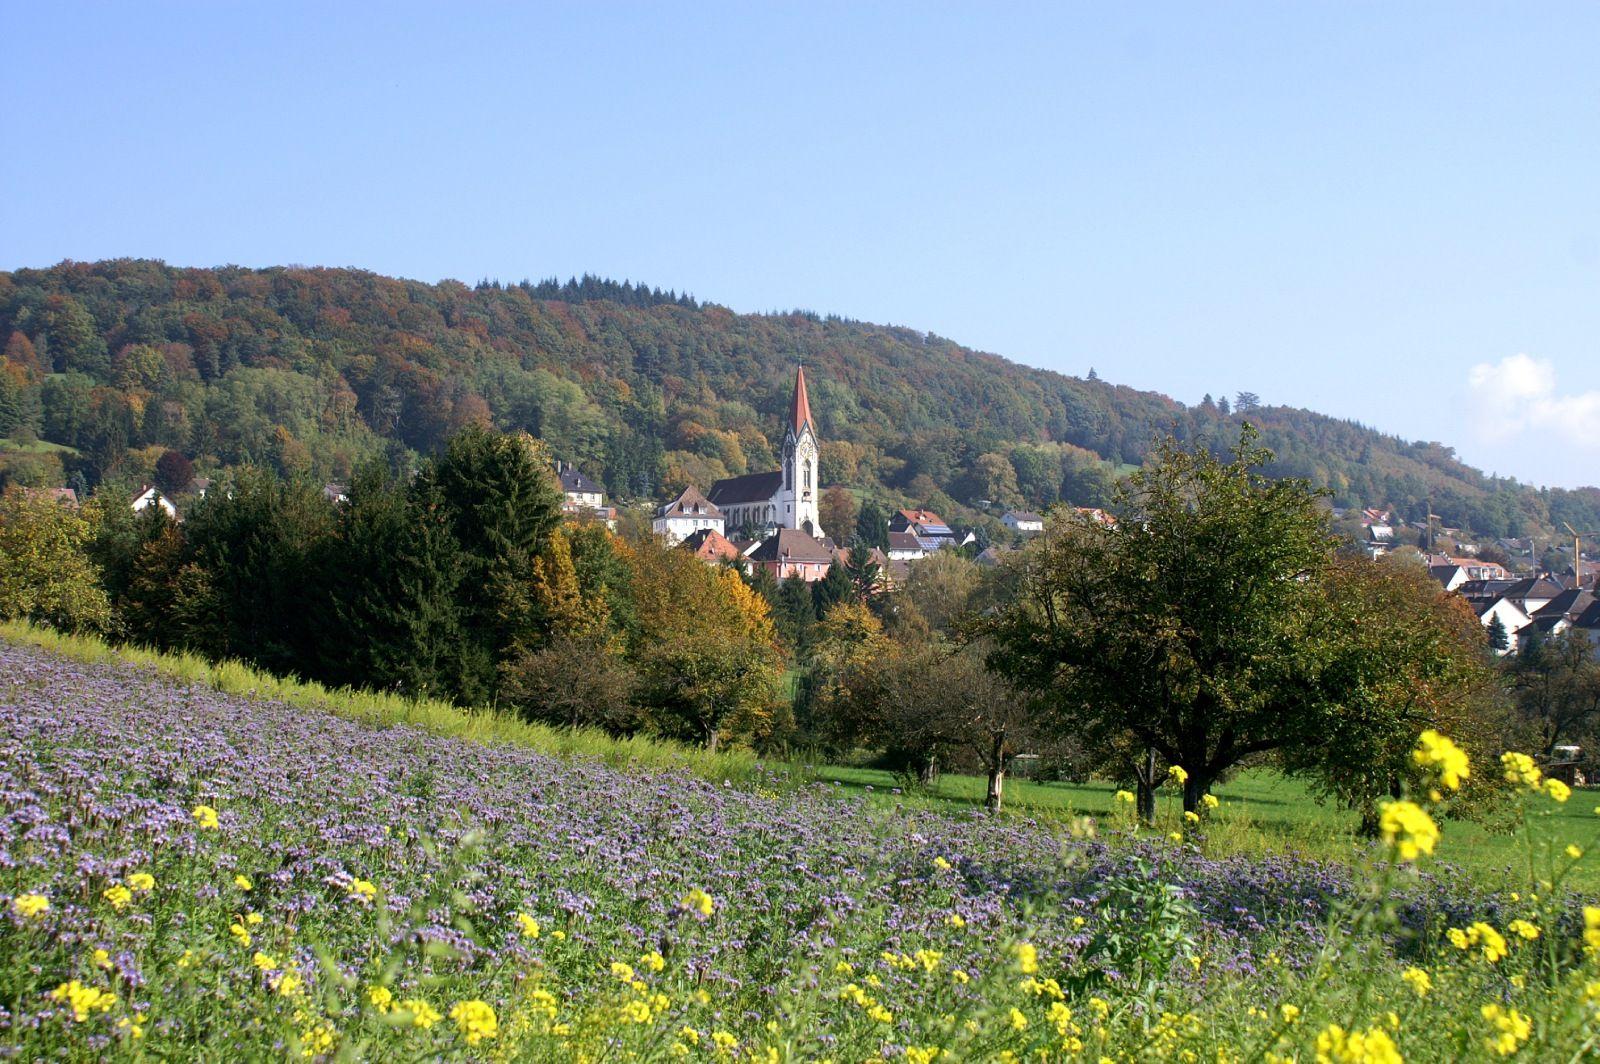 Gailingen mit kath. Kirche